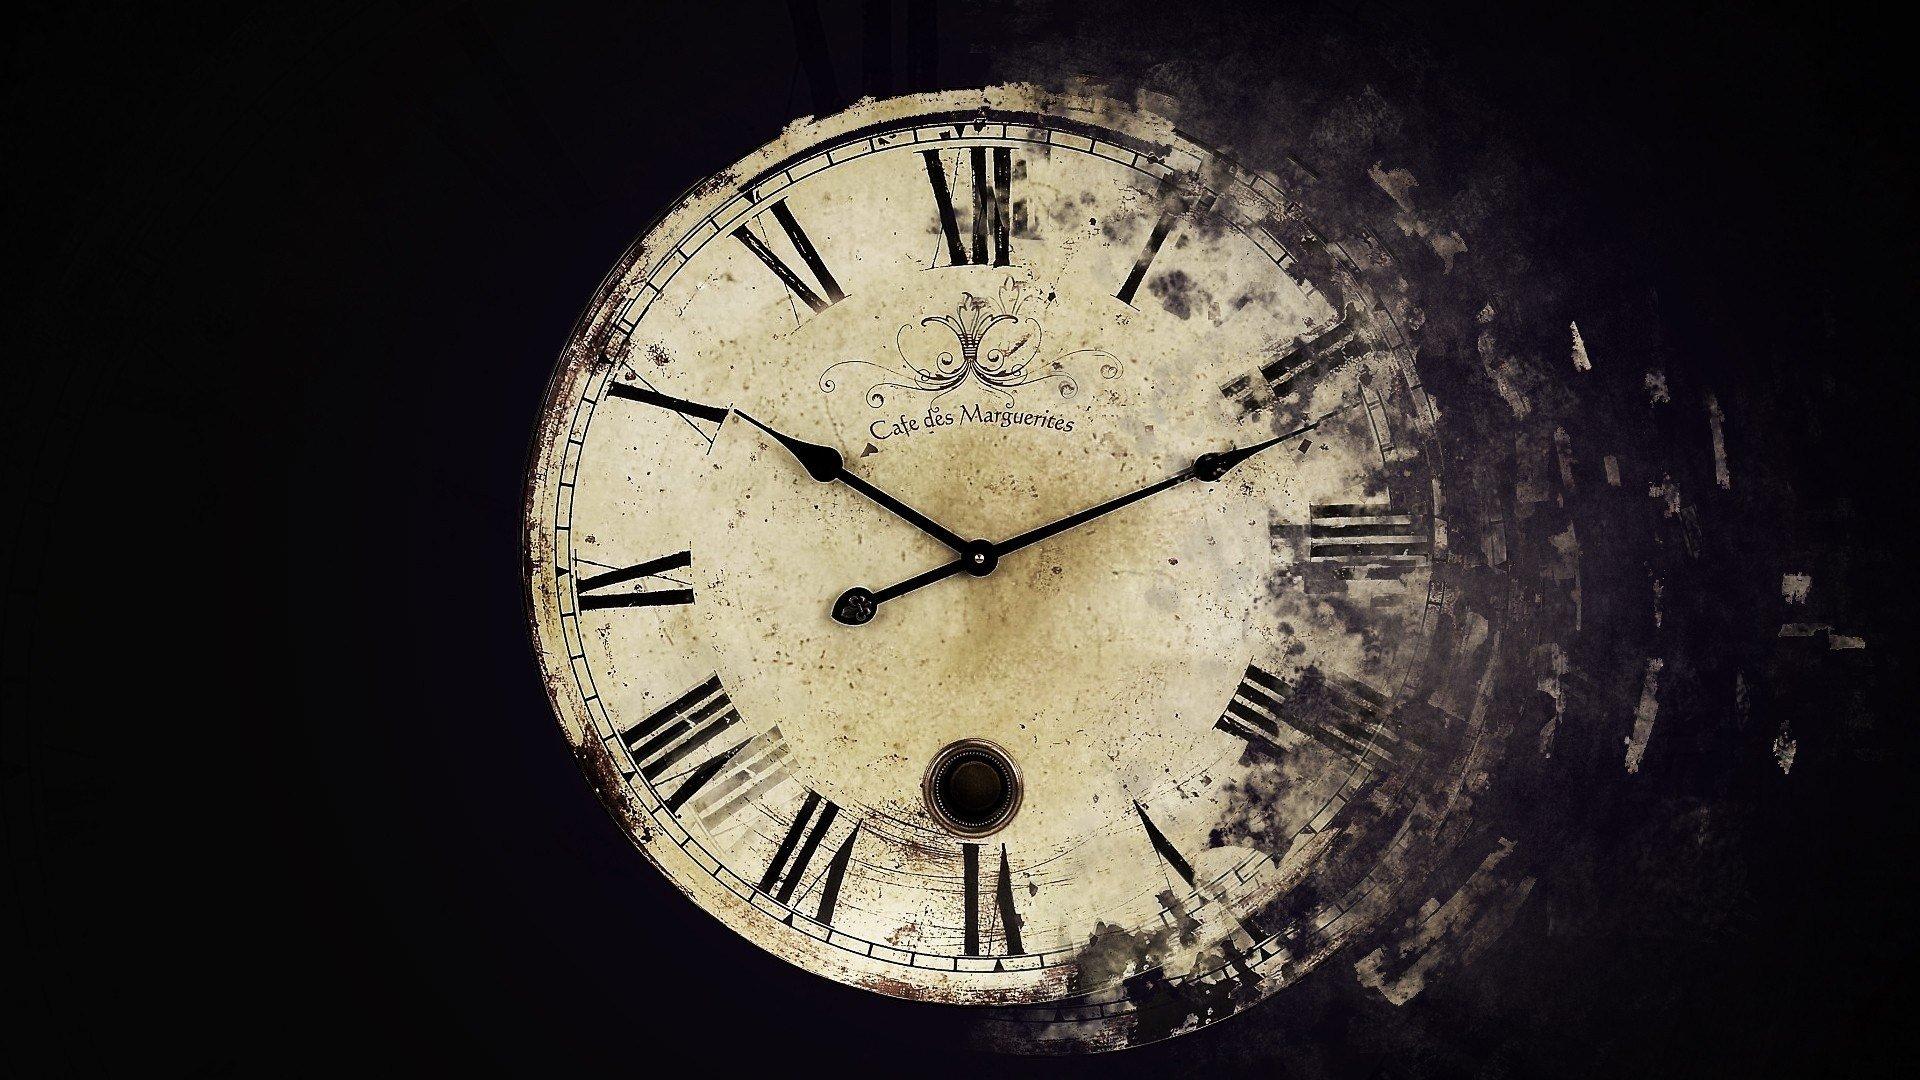 Если б у меня появилась возможность управлять временем... - Изображение 1